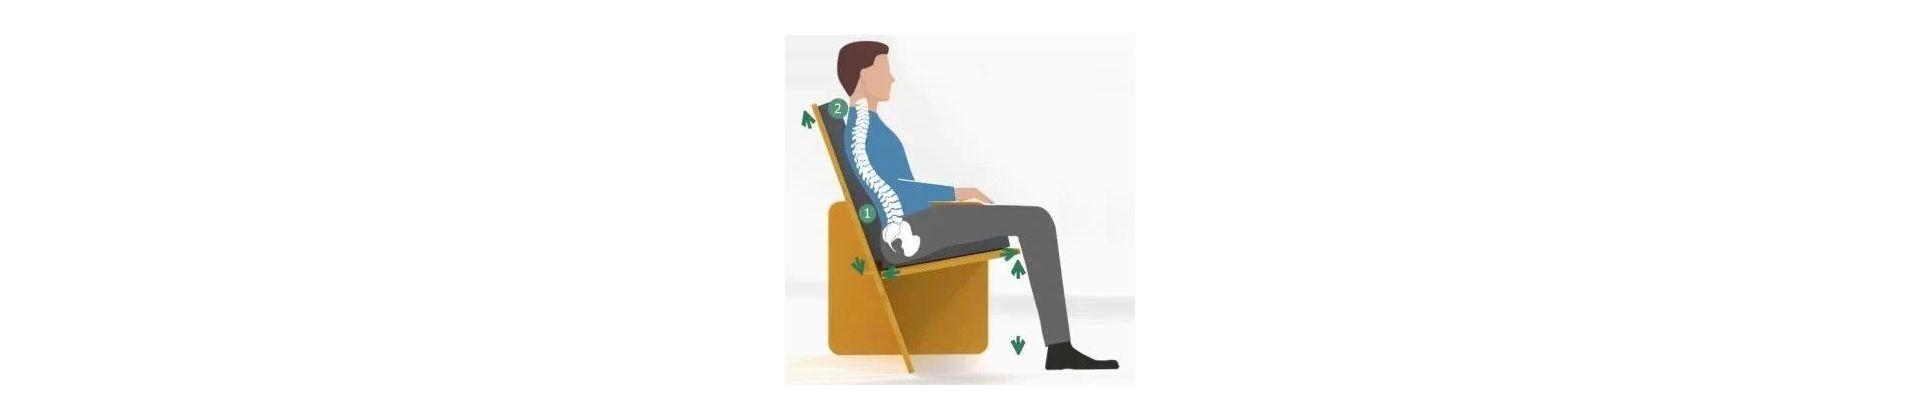 Backcare armchair